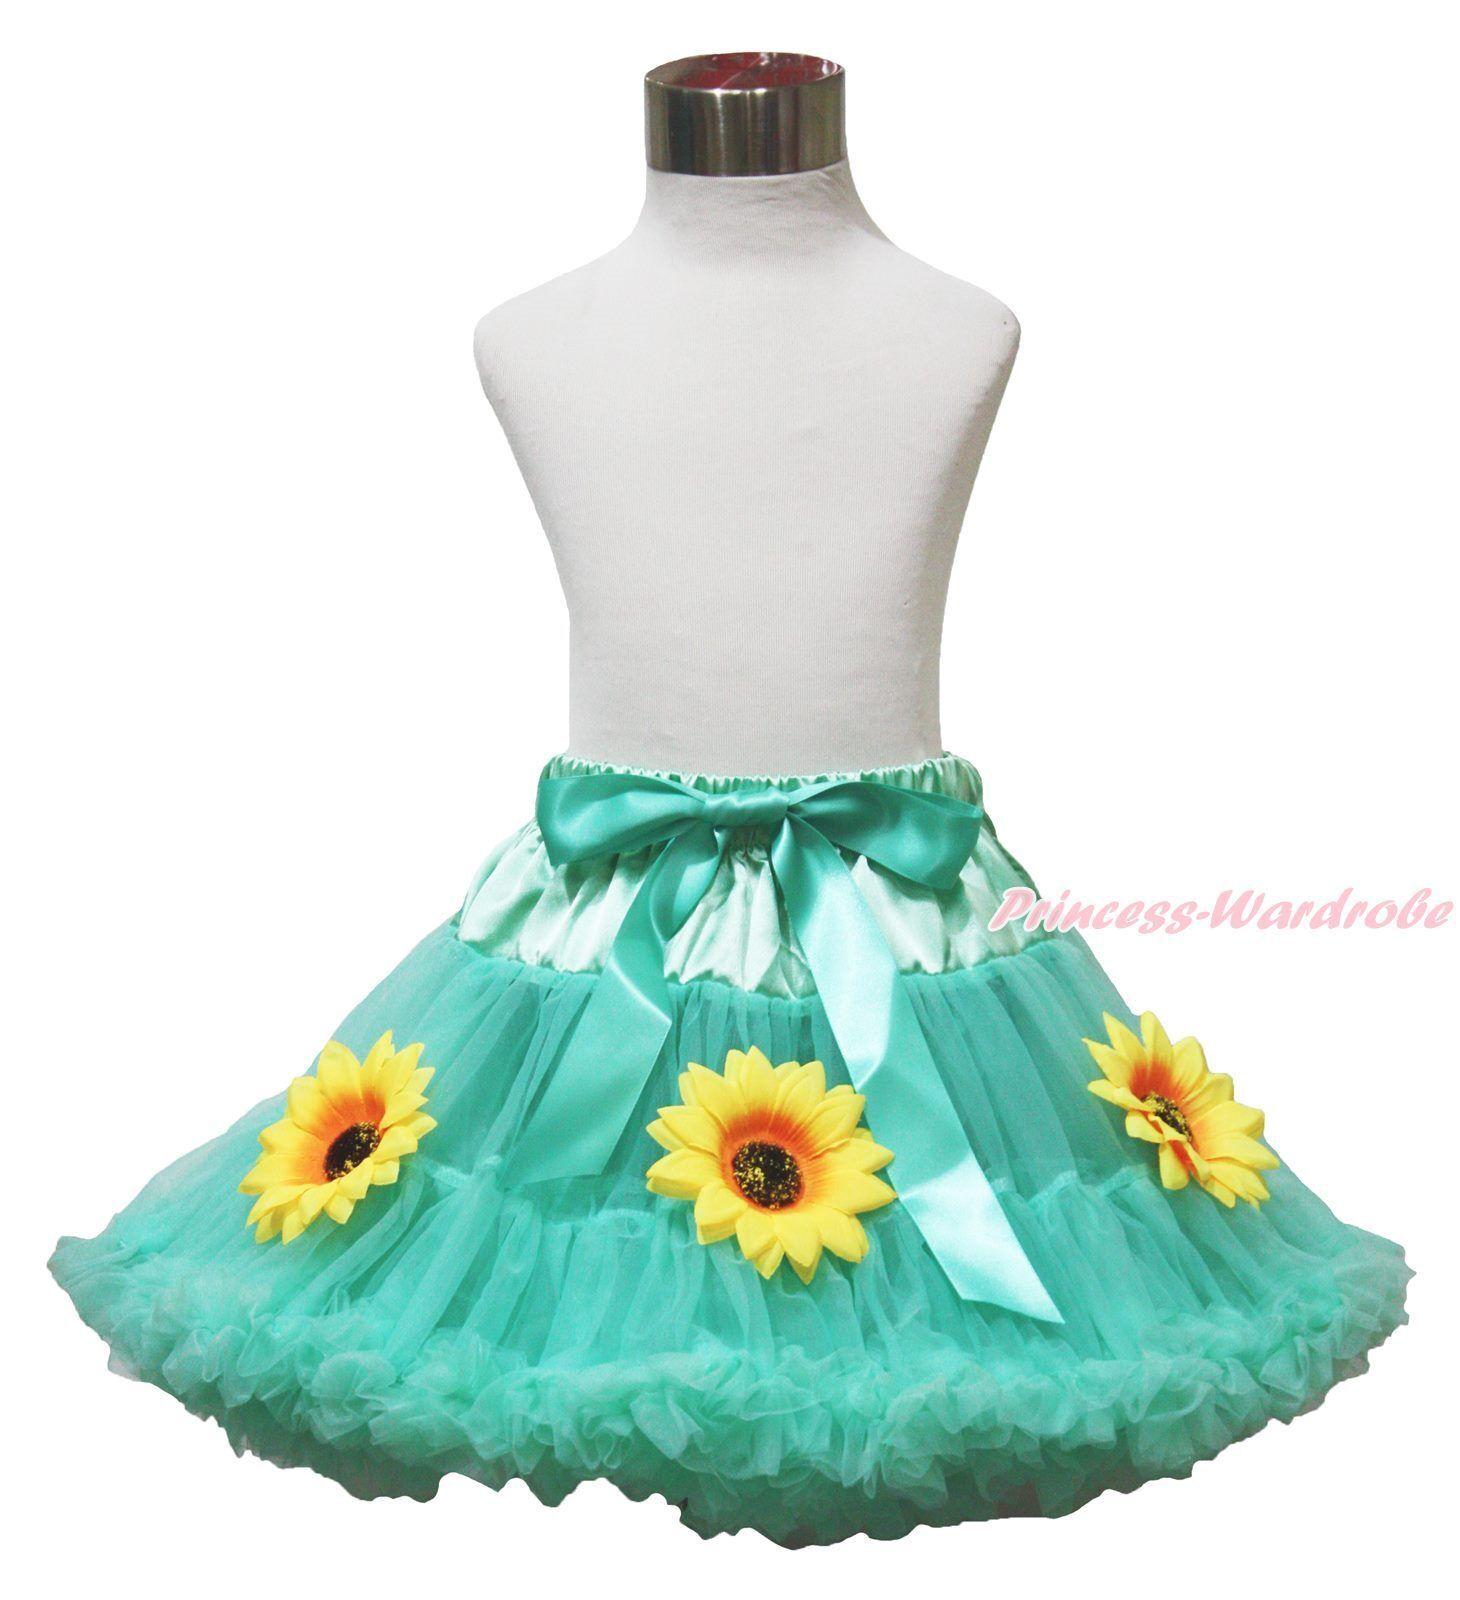 Aqua bluee Adult Woman Girl Princess Anna Summer Sunflower Full Pettiskirt Tutu